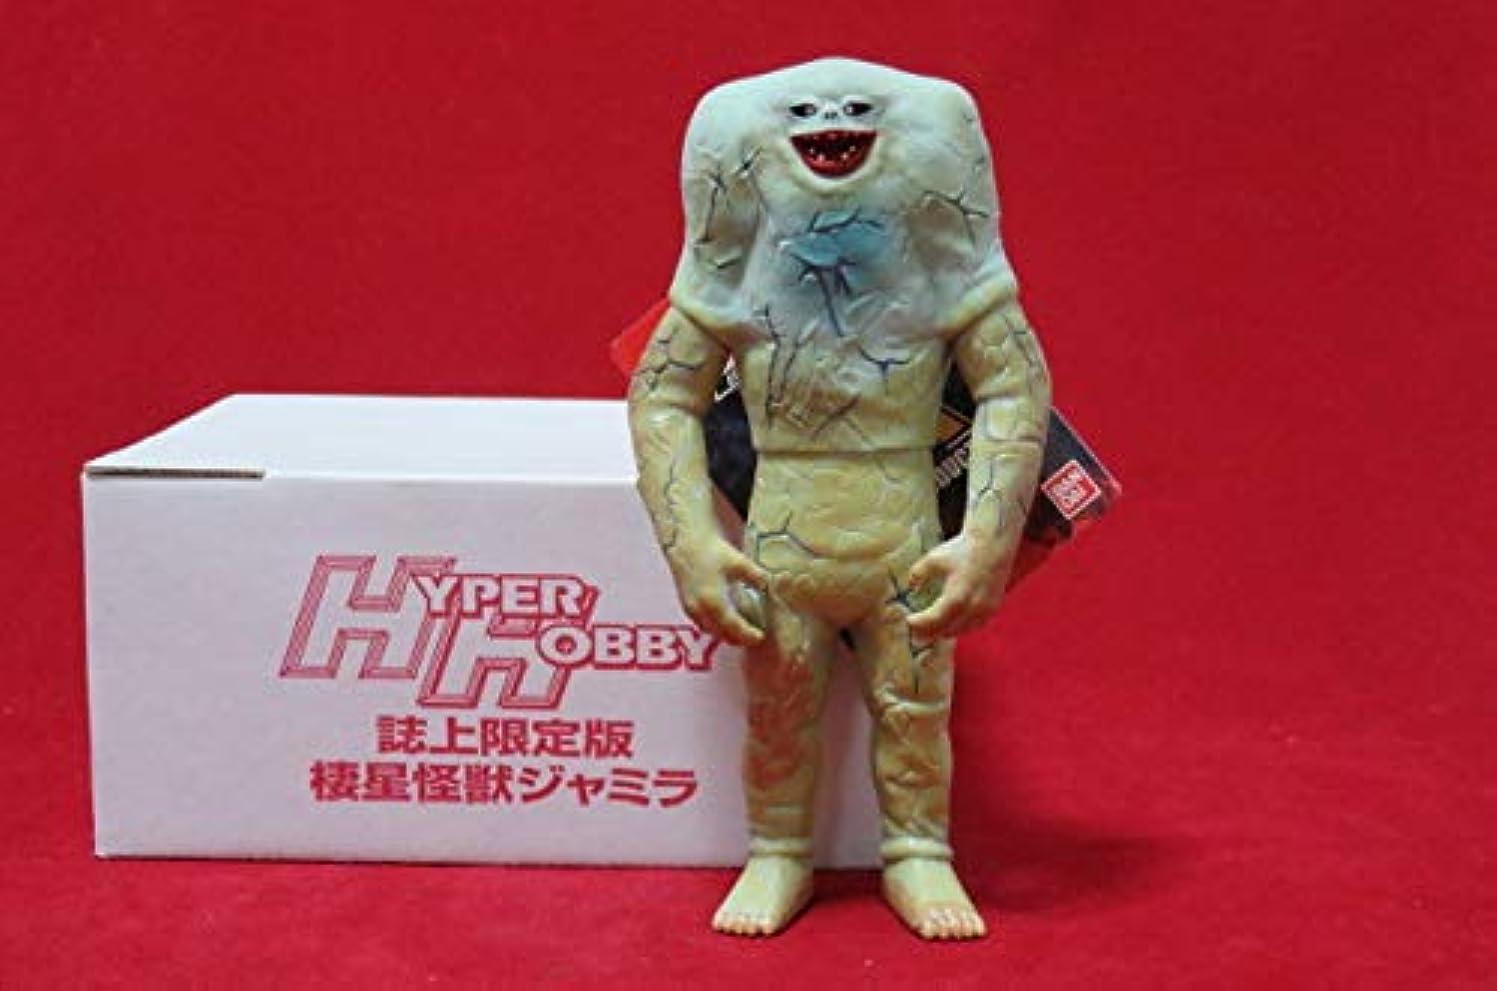 時制細心の有力者タグ付き ジャミラ ウルトラマン ハイパーホビー誌上限定版 HYPER HOBBY 2001 ソフビ USED